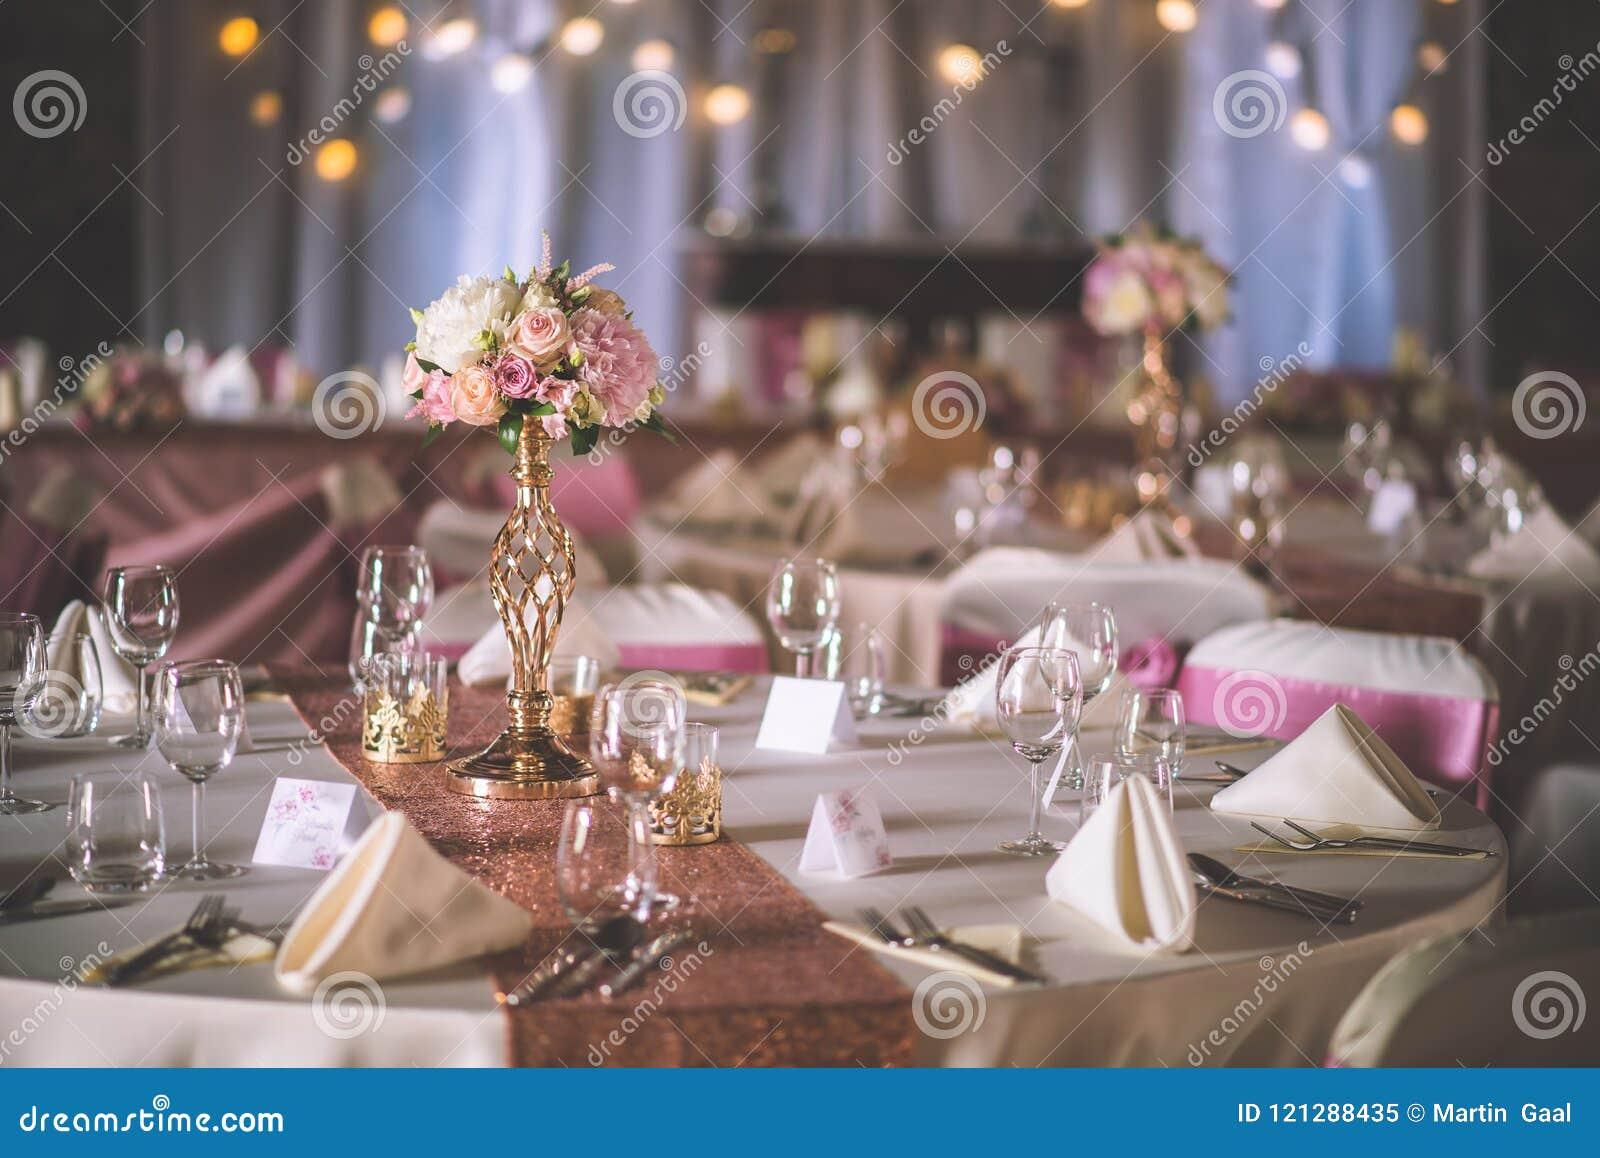 Ślubny stół z wyłącznym kwiecistym przygotowania przygotowywał dla przyjęcia, ślubu lub wydarzenia centerpiece w różanym złocisty